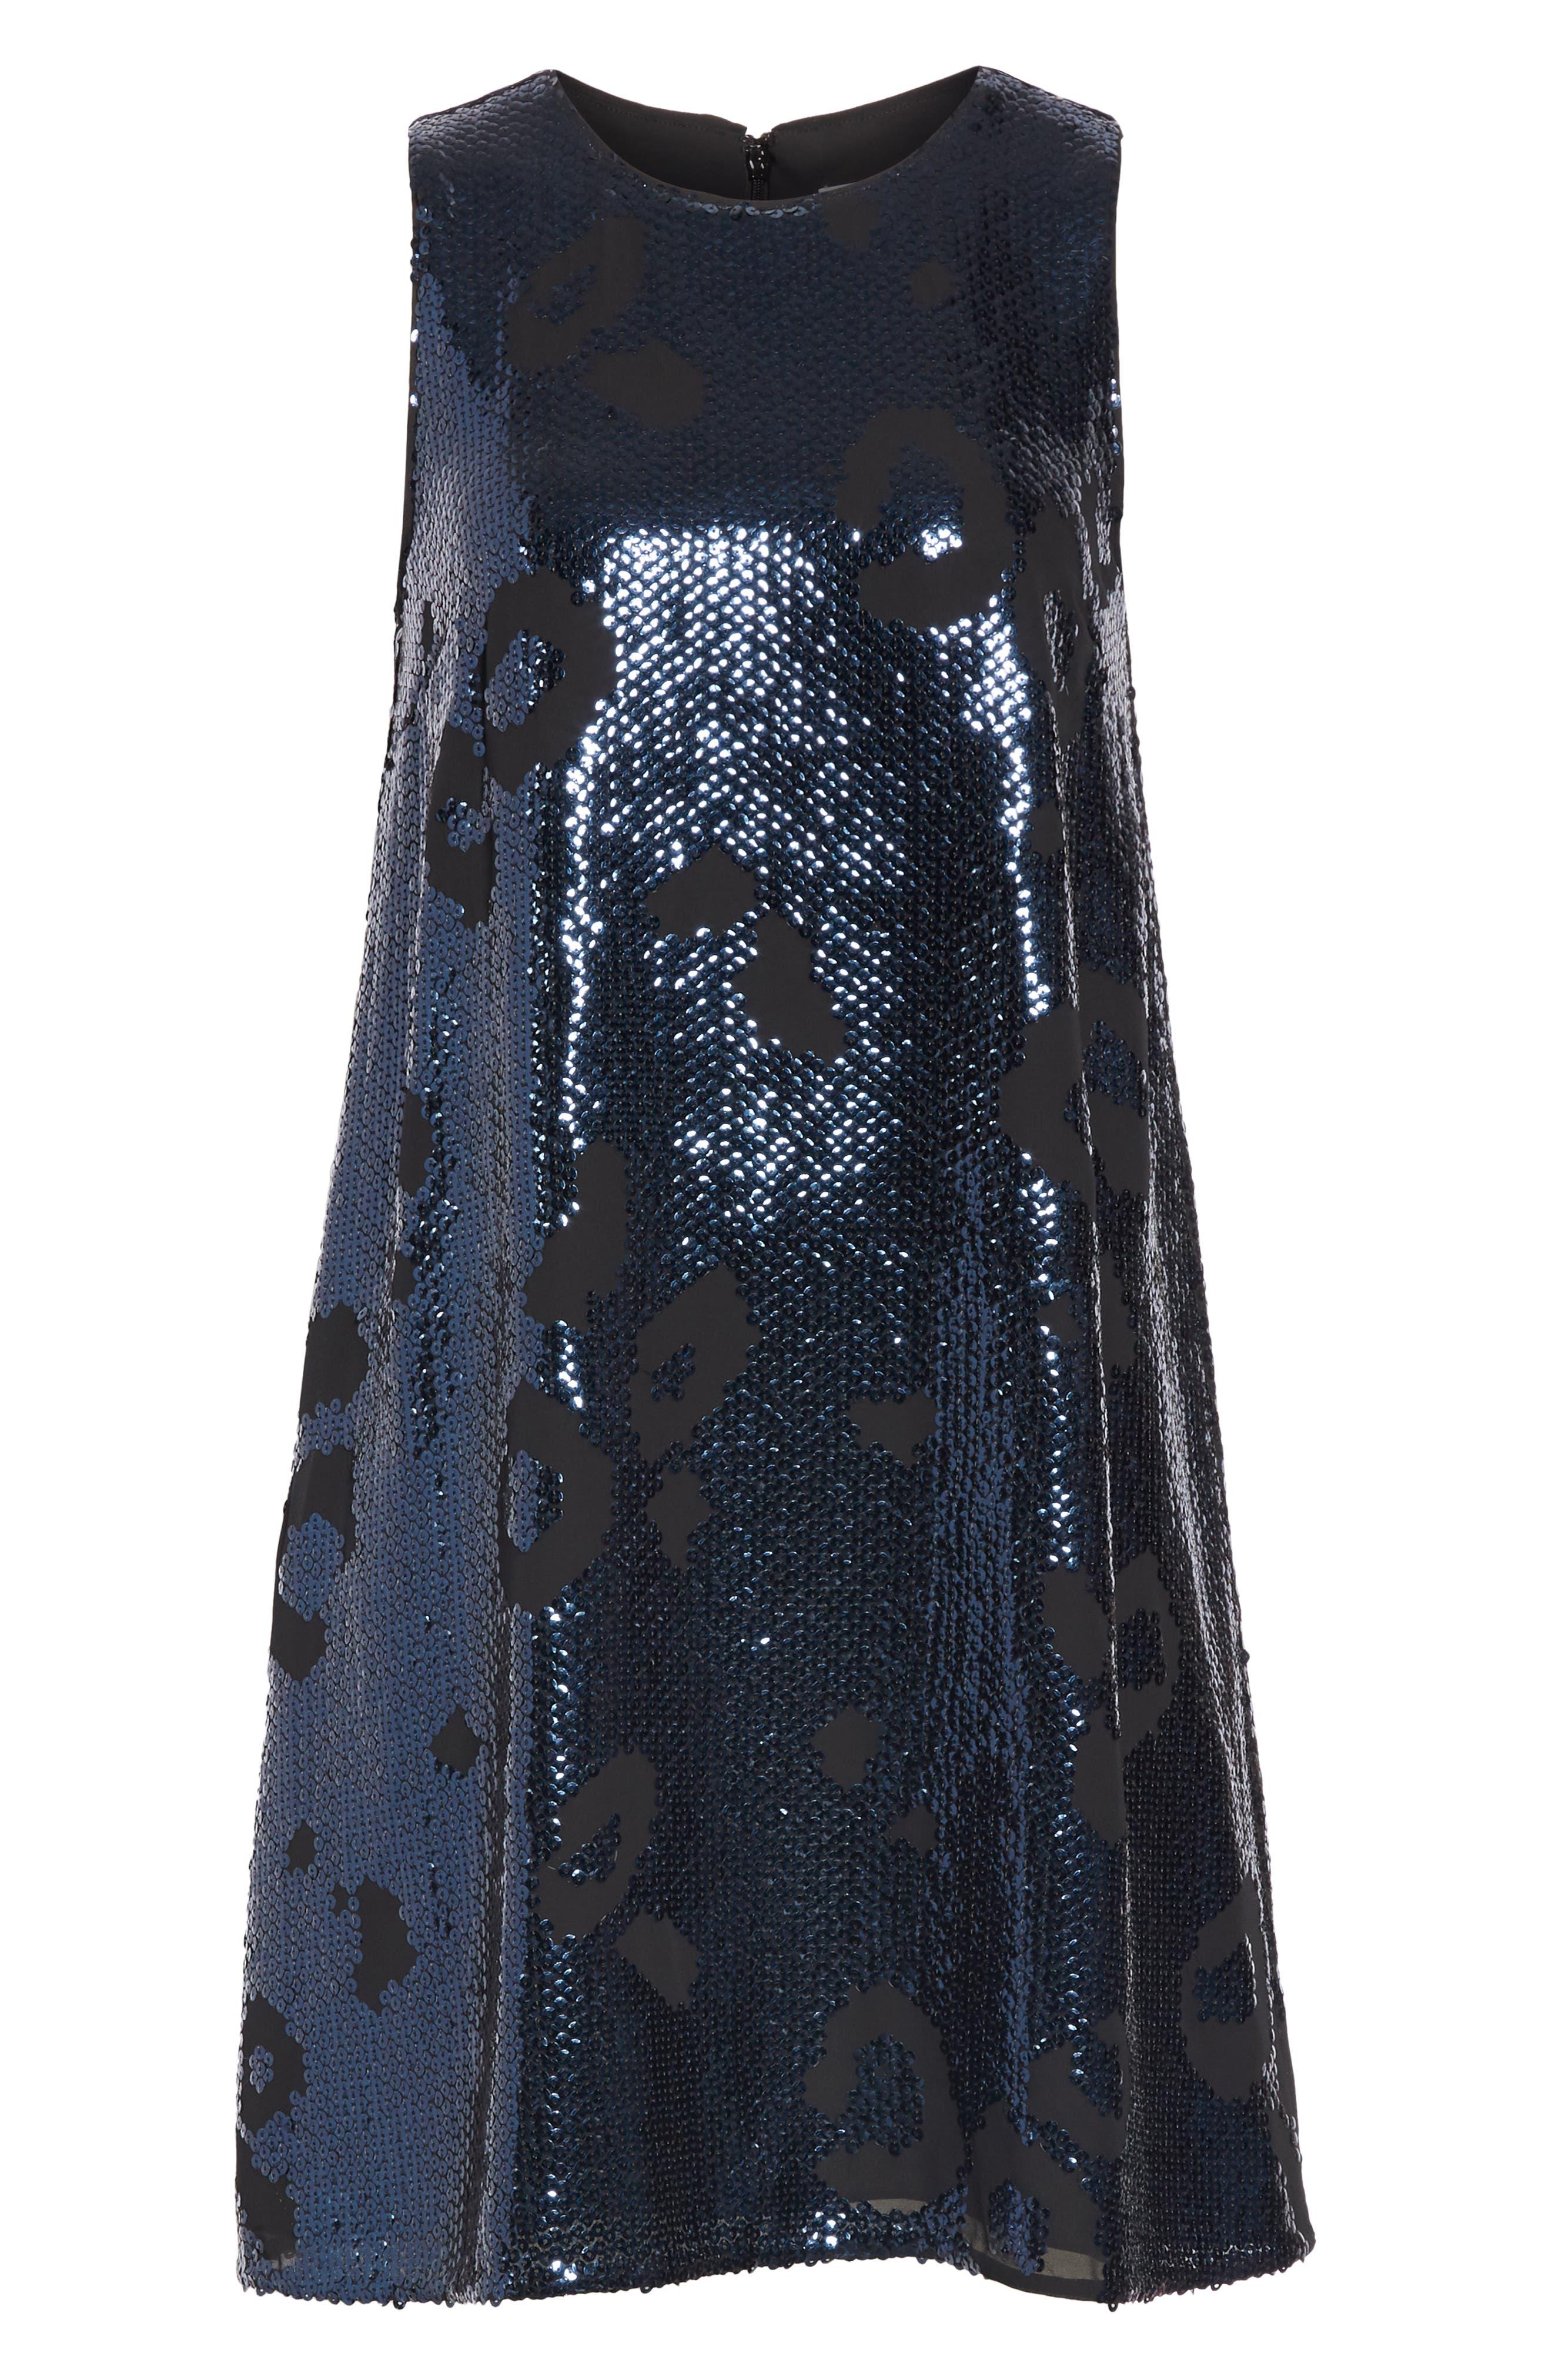 leopard sequin shift dress,                             Alternate thumbnail 6, color,                             LIGHT ADRIATIC BLUE